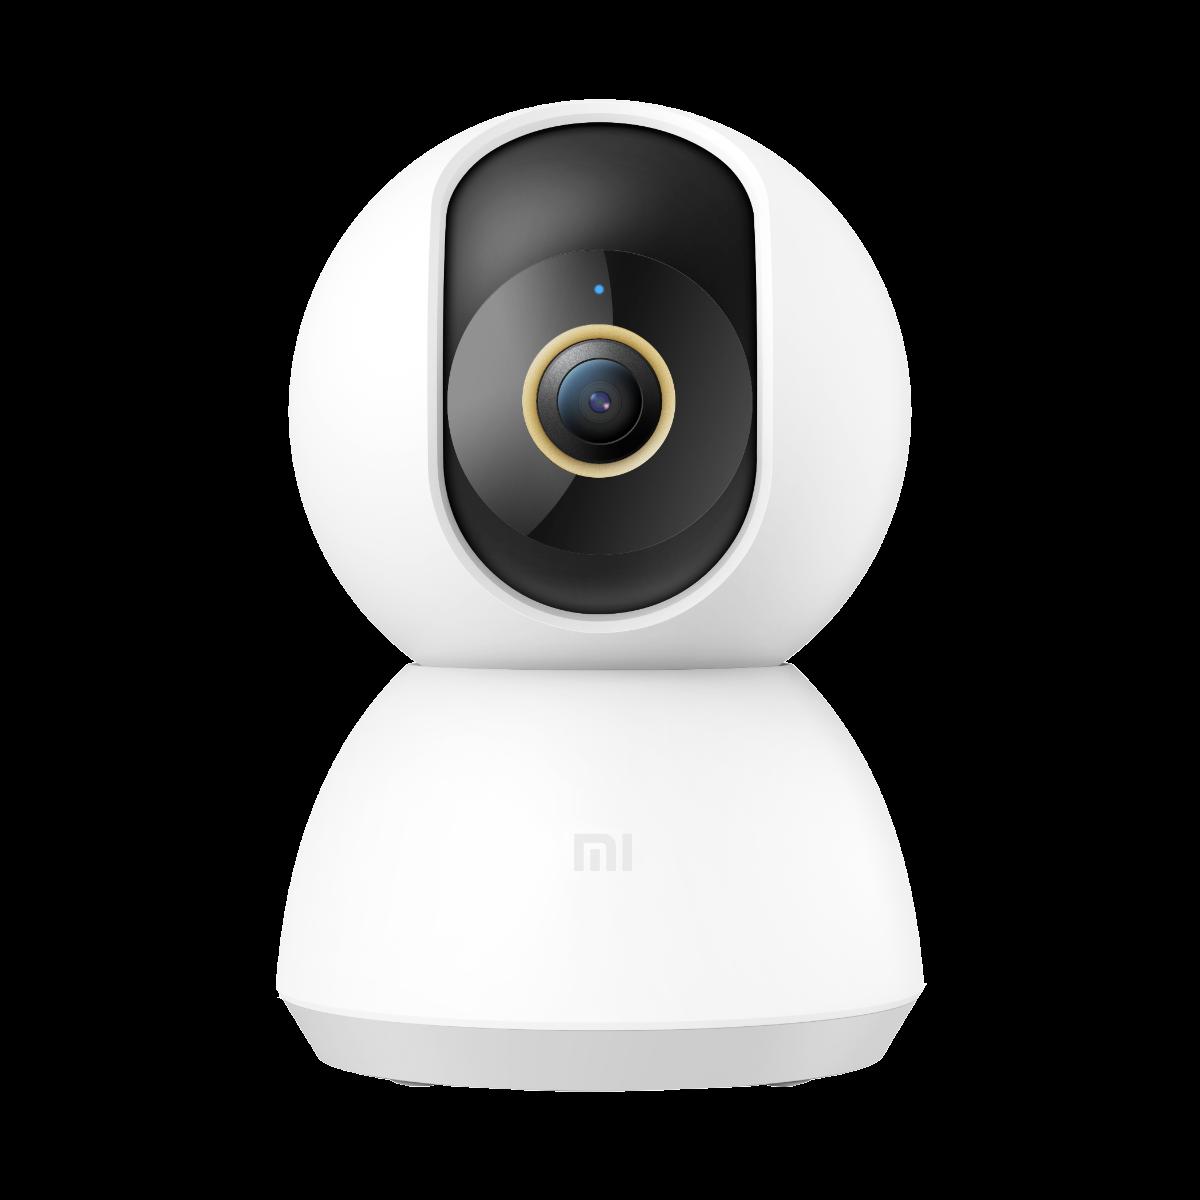 Xiaomi Mi Home Security Camera 2K 360°